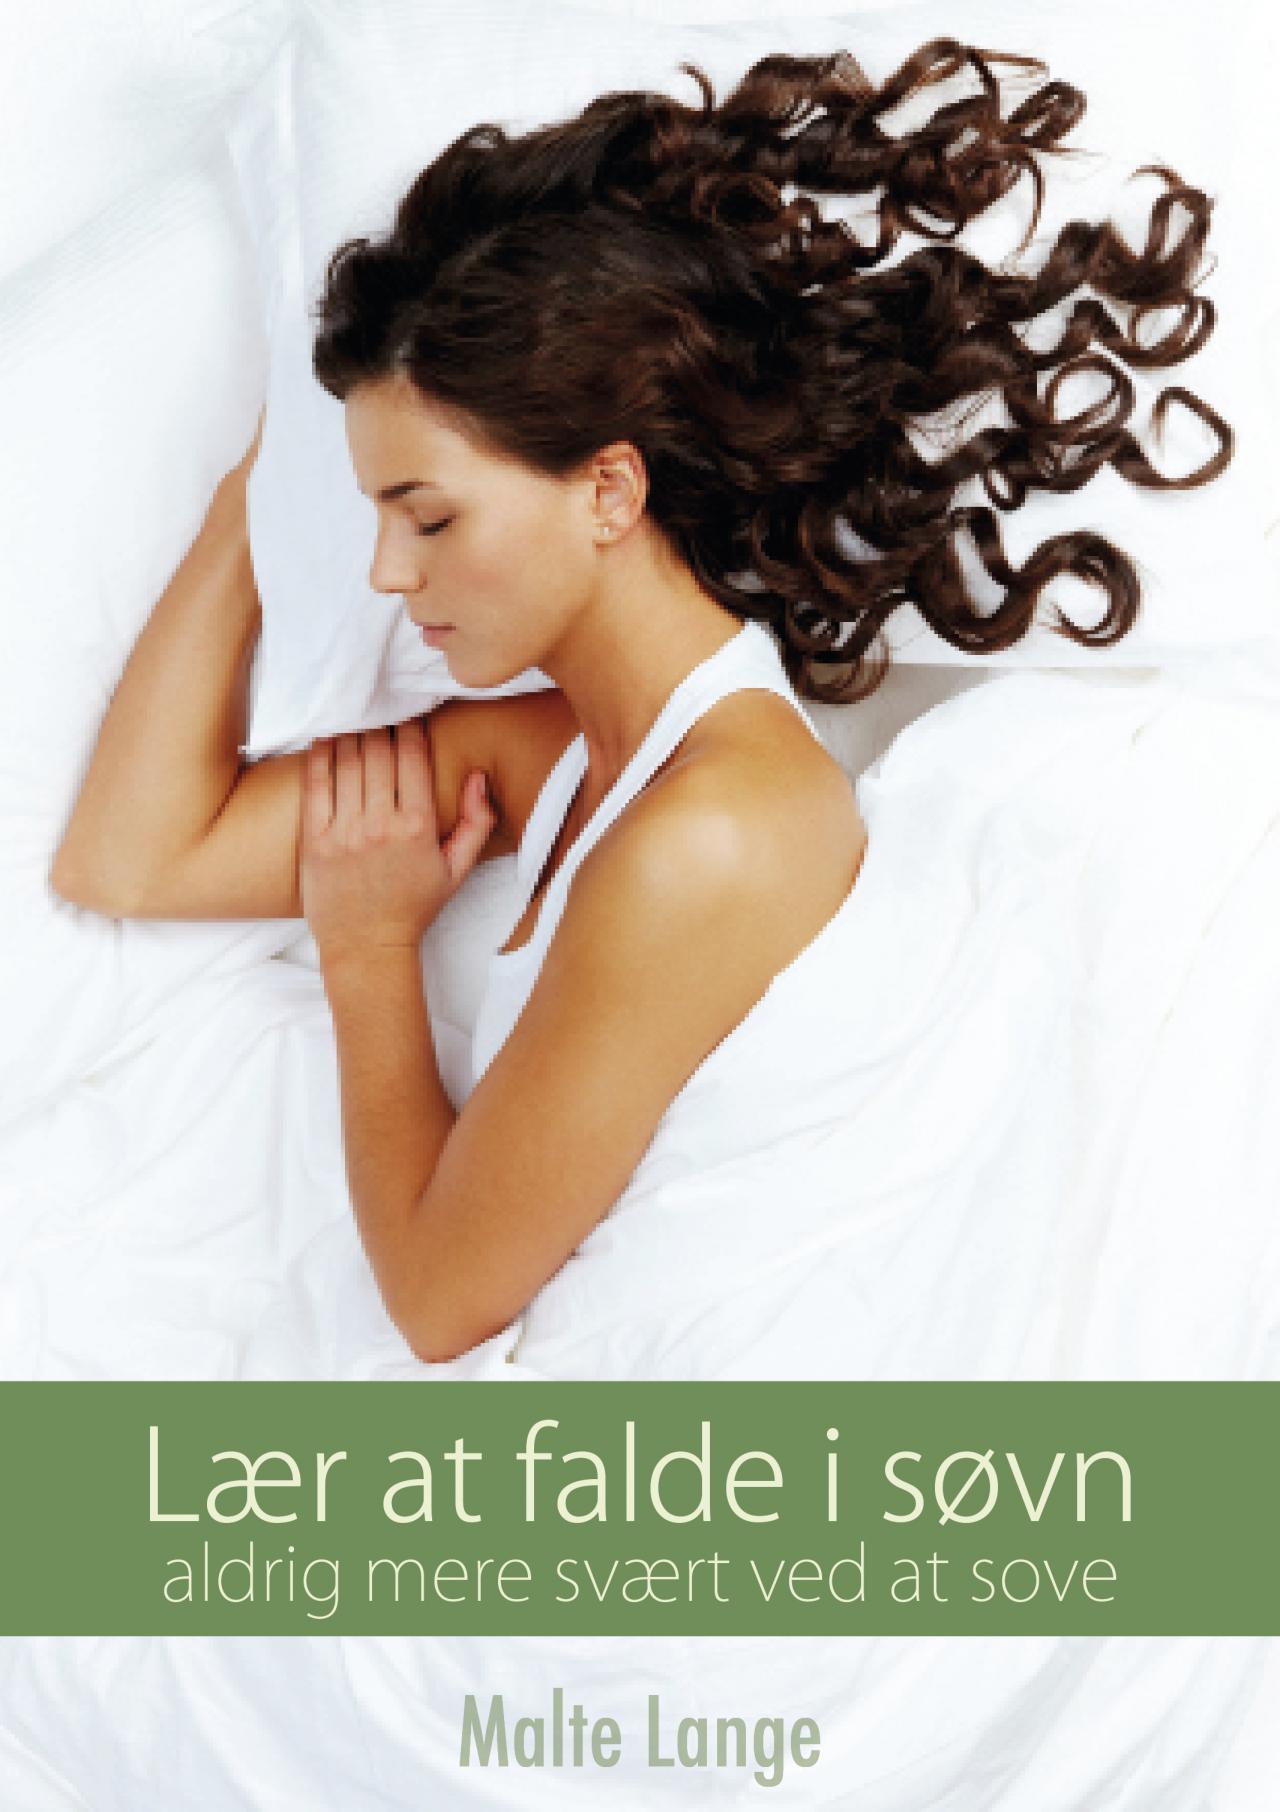 Lær at falde i søvn - aldrig mere svært ved at sove (hypnose) fra N/A på mindly.dk